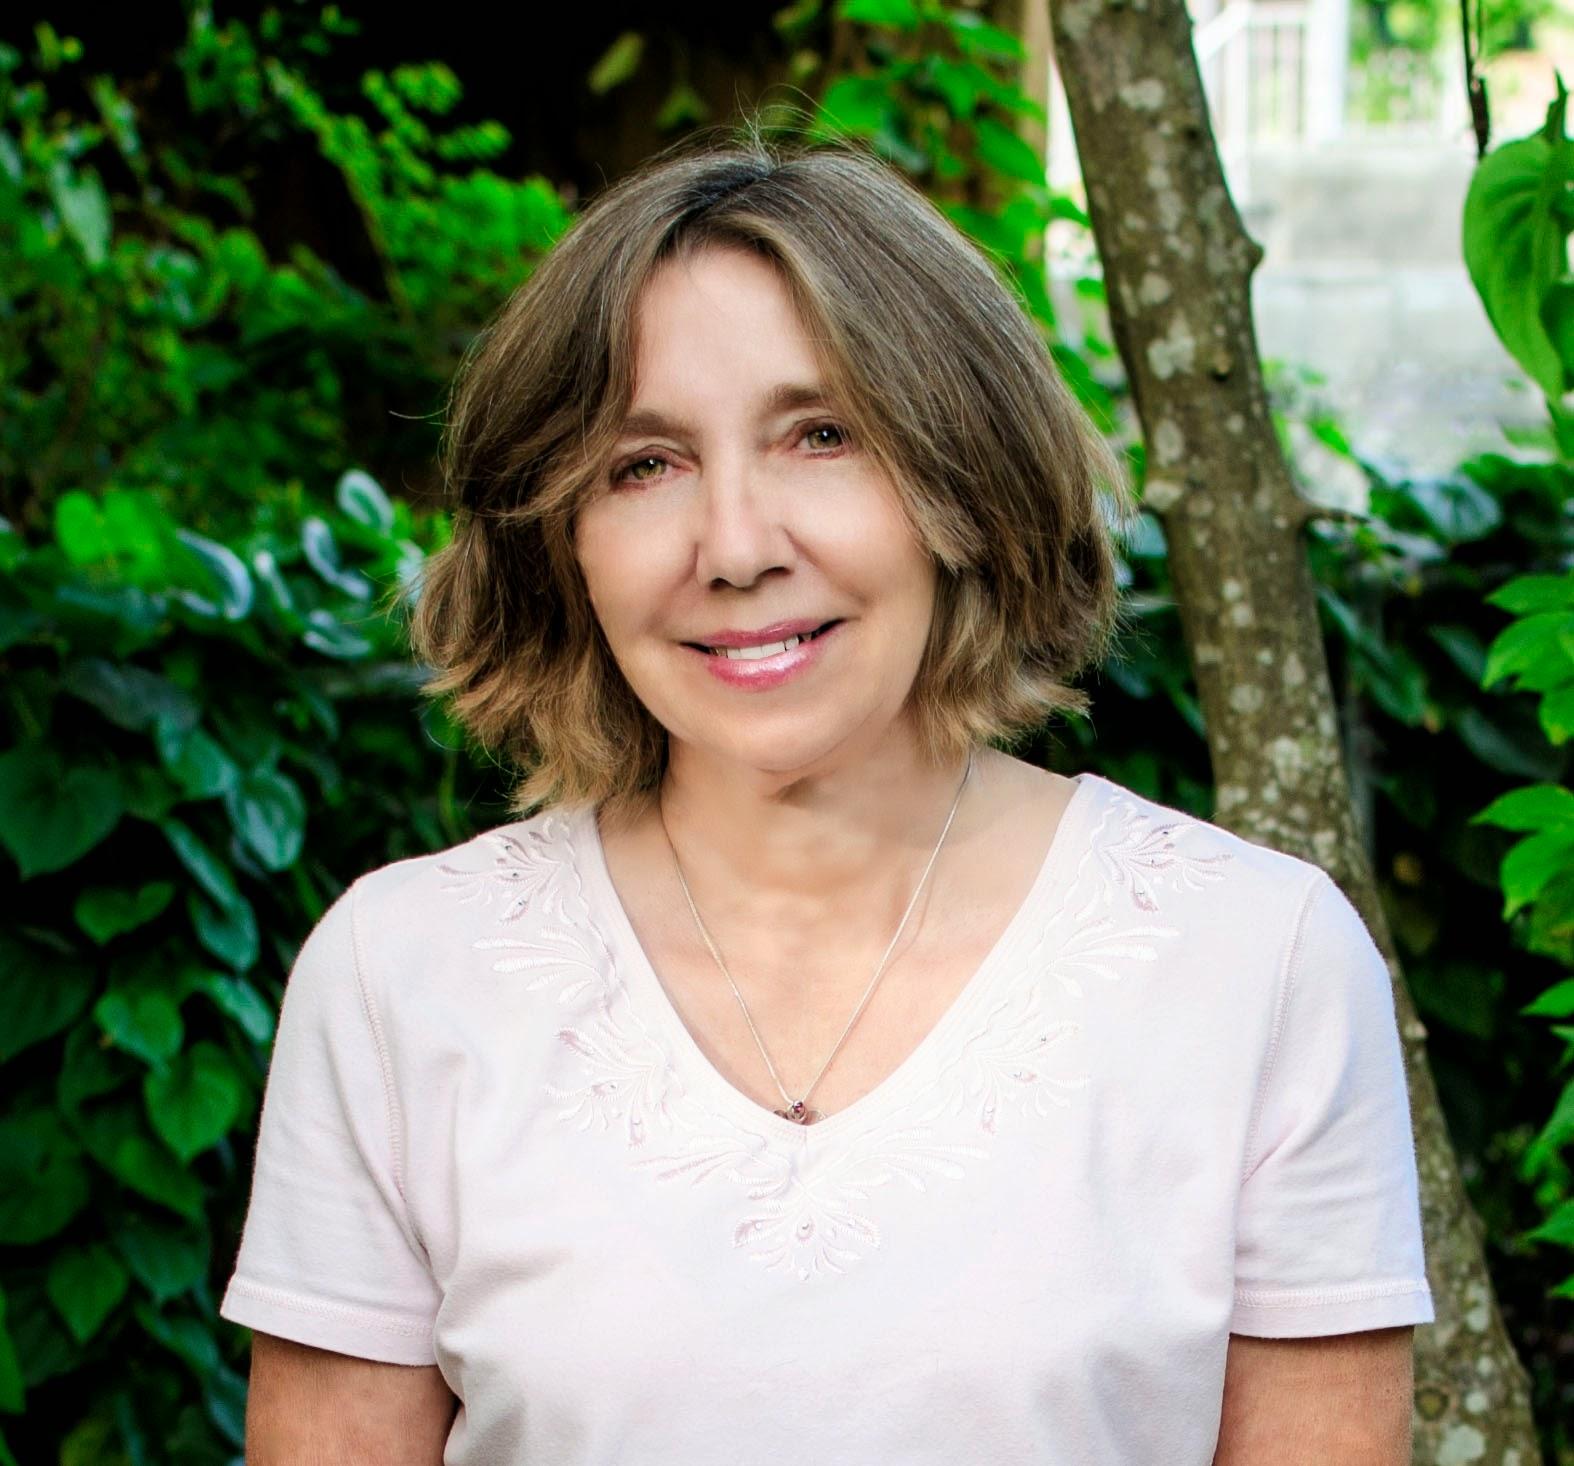 Rae Karen Hauck